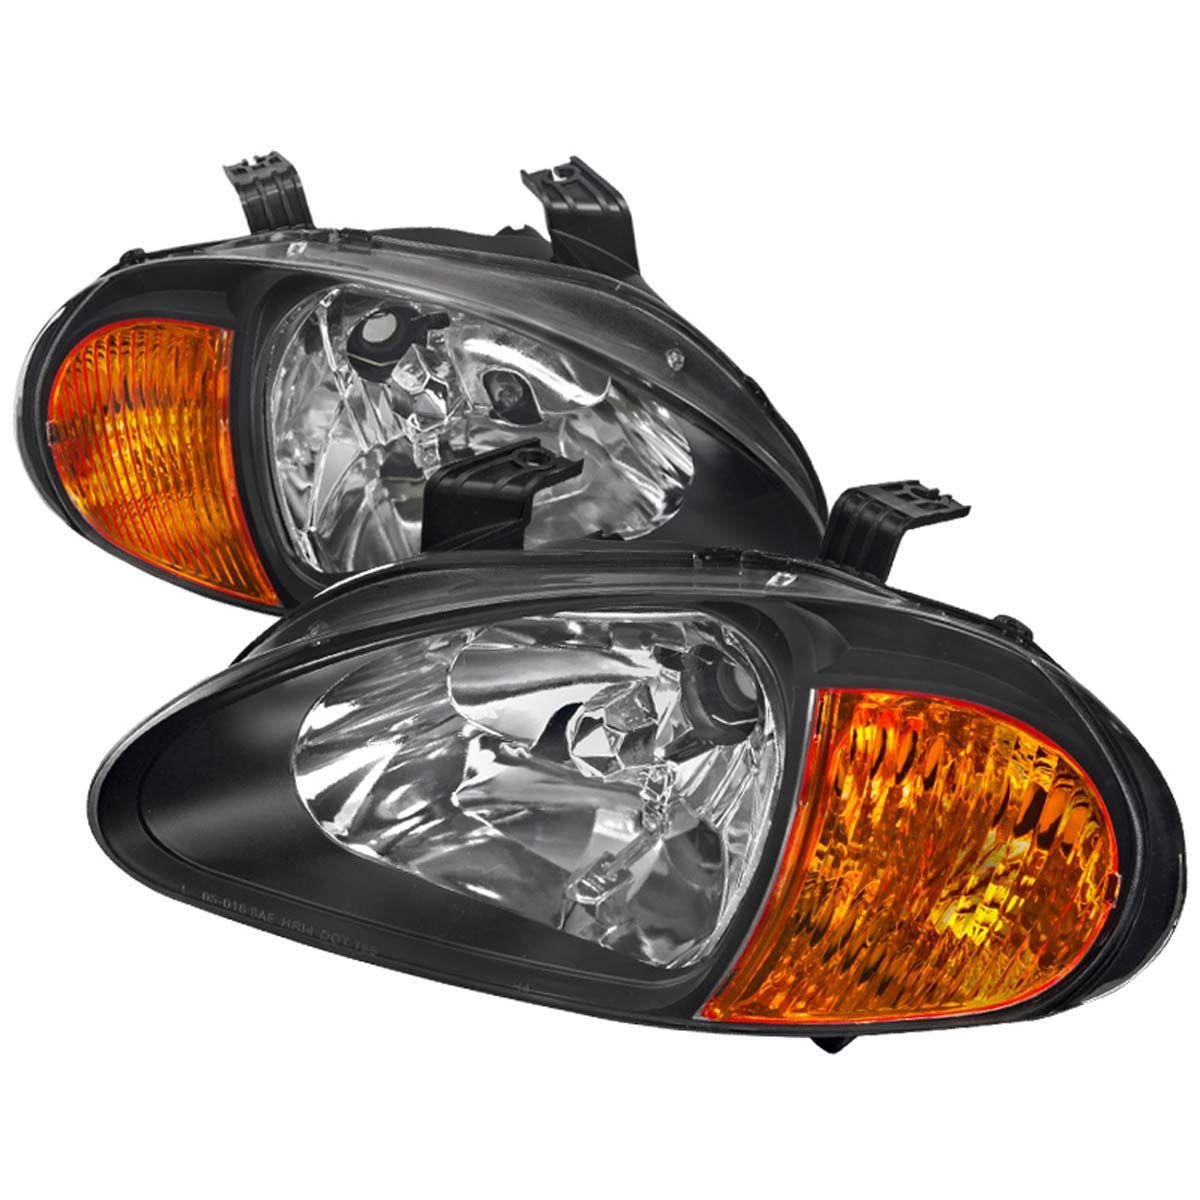 Spec D Oem Replacement Headlights Honda Del Sol Jdm Black 93 97 2lh Del93jm Eu Honda Del Sol Replacement Headlights Honda